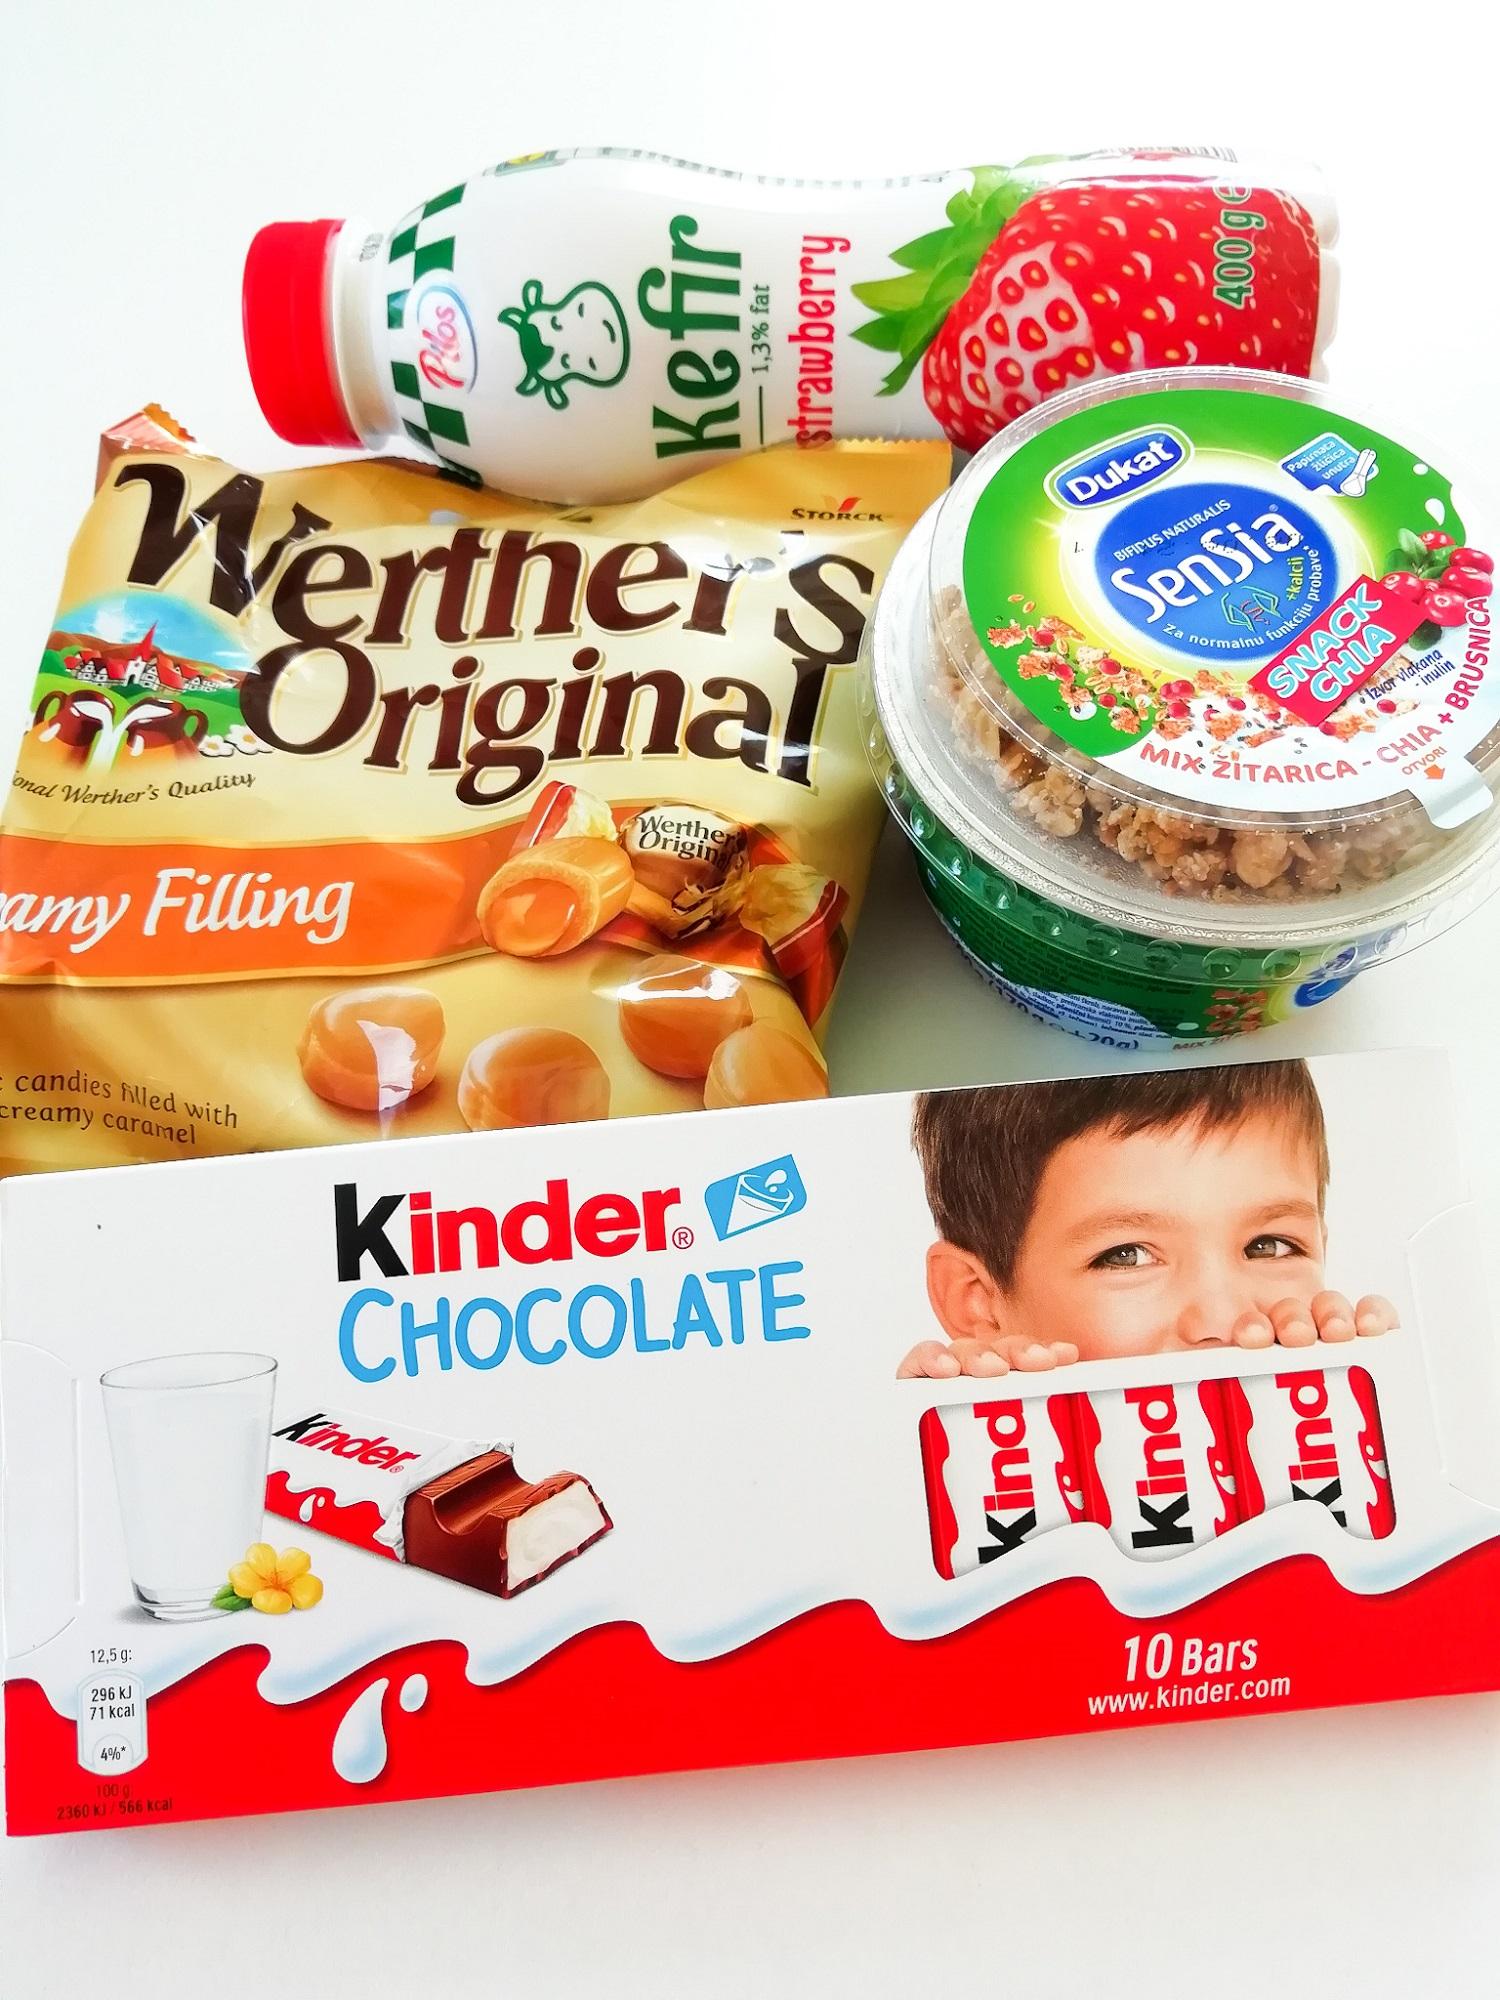 Visokoprerađene namirnice s dodanim šećerom uvelike povećavaju rizik za razvoj pretilosti.